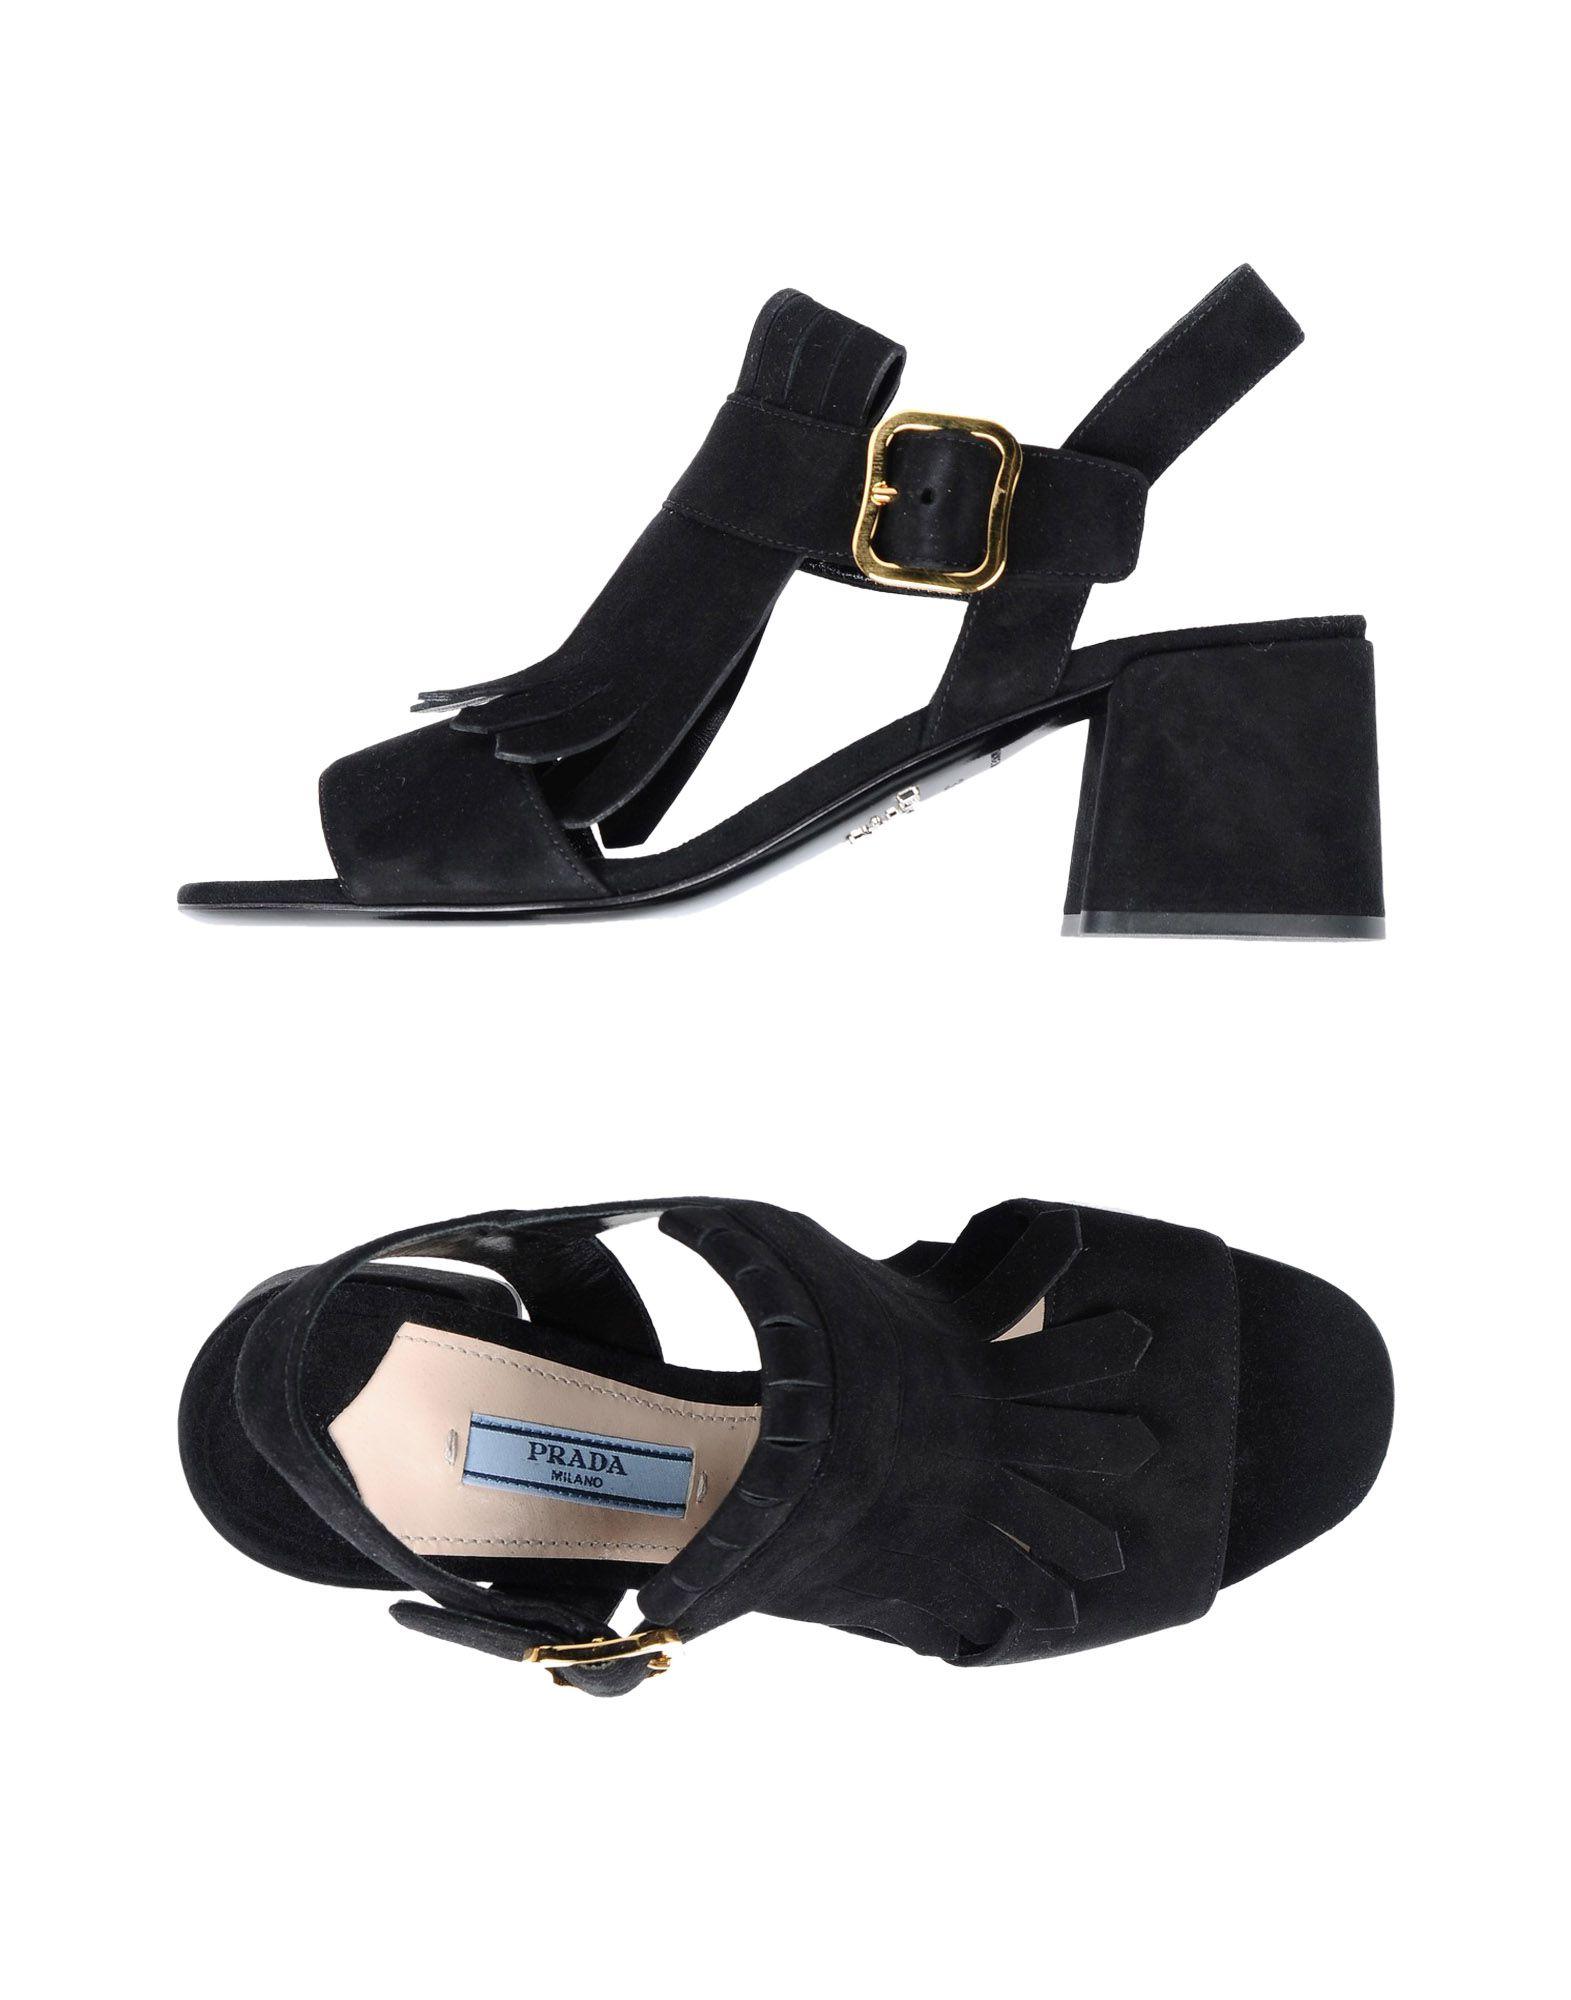 Prada Sandals Sandals - Women Prada Sandals Prada online on  Australia - 11496442QC c91771